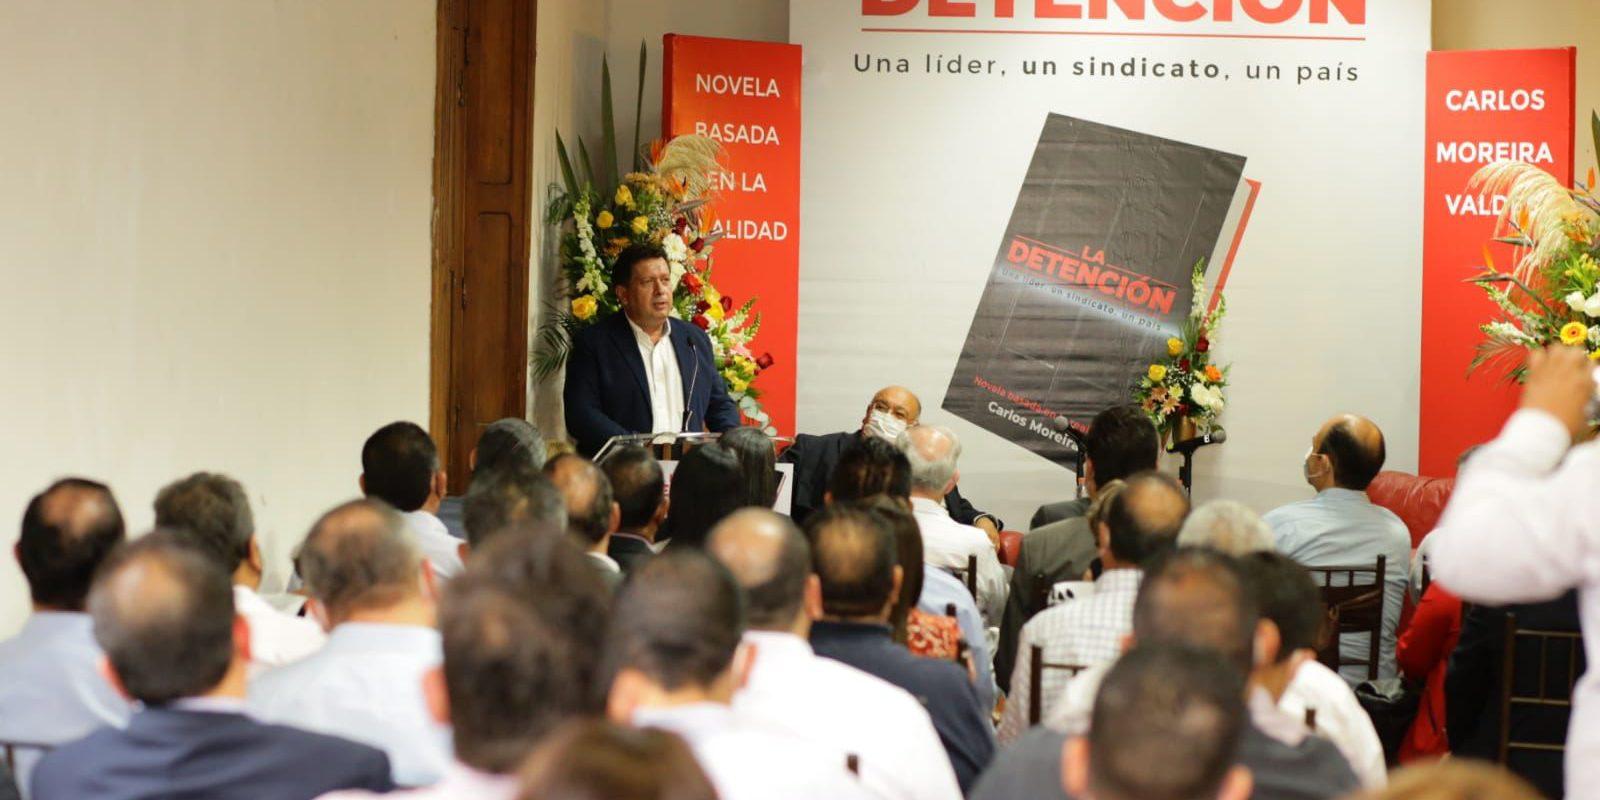 Presenta Carlos Moreira Valdés en Saltillo su libro 'La Detención'